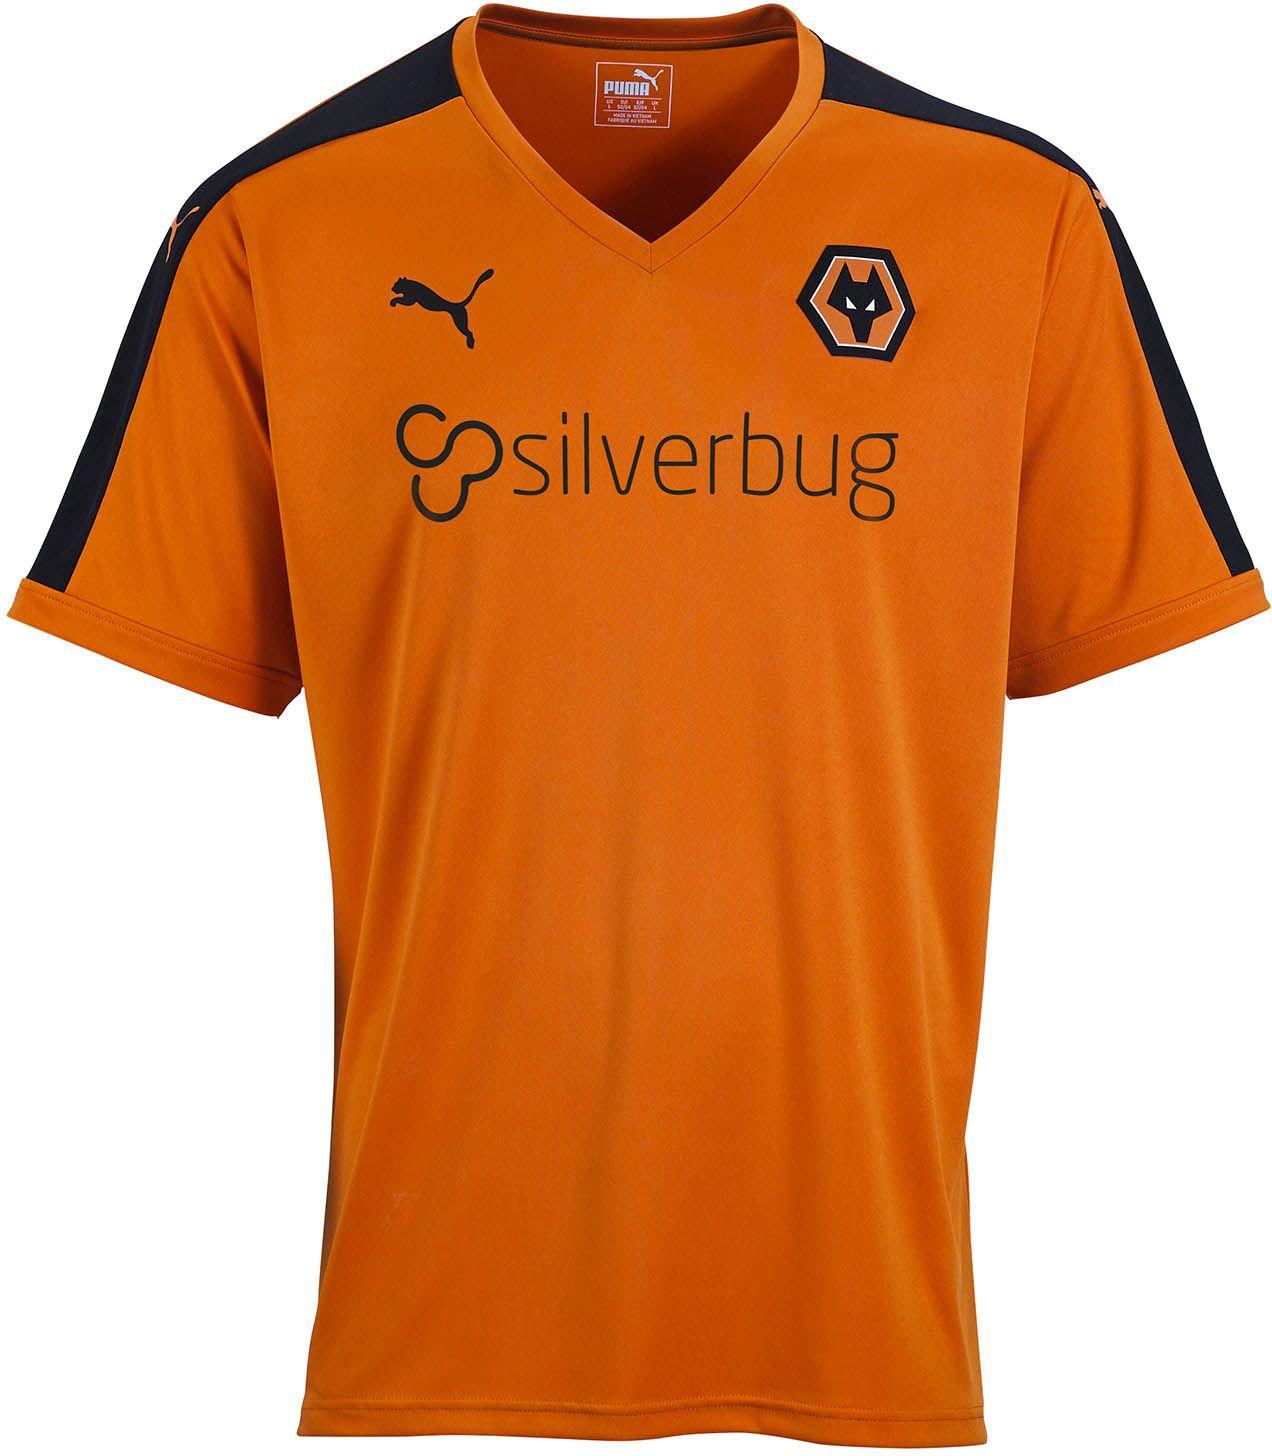 85651e34e2 Wolverhampton Wanderers FC (England) - 2015 2016 Puma Home Shirt ...